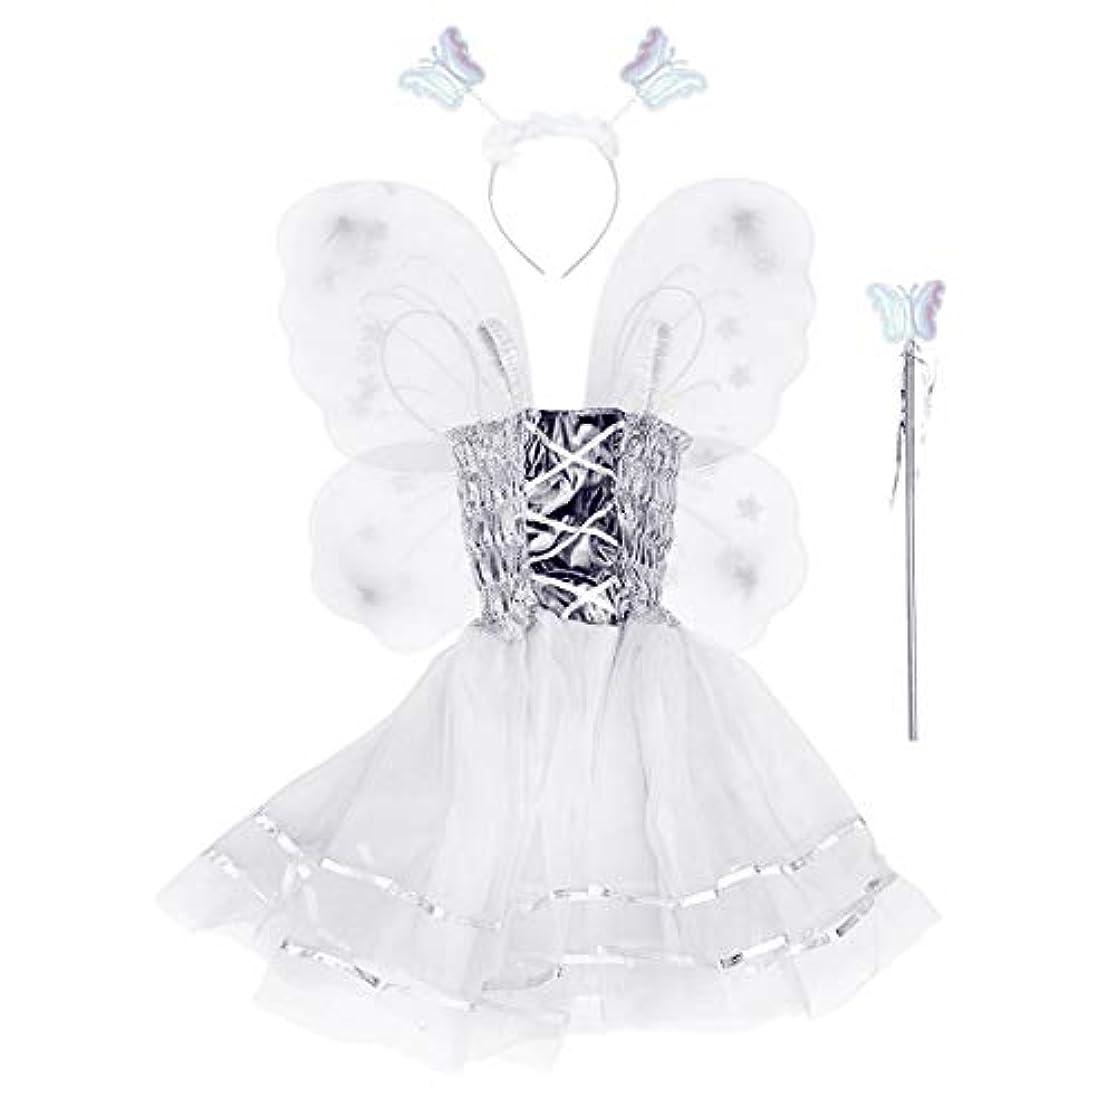 顕現送る貸すBESTOYARD 4本の女の子バタフライプリンセス妖精のコスチュームセット蝶の羽、ワンド、ヘッドバンドとツツードレス(ホワイト)